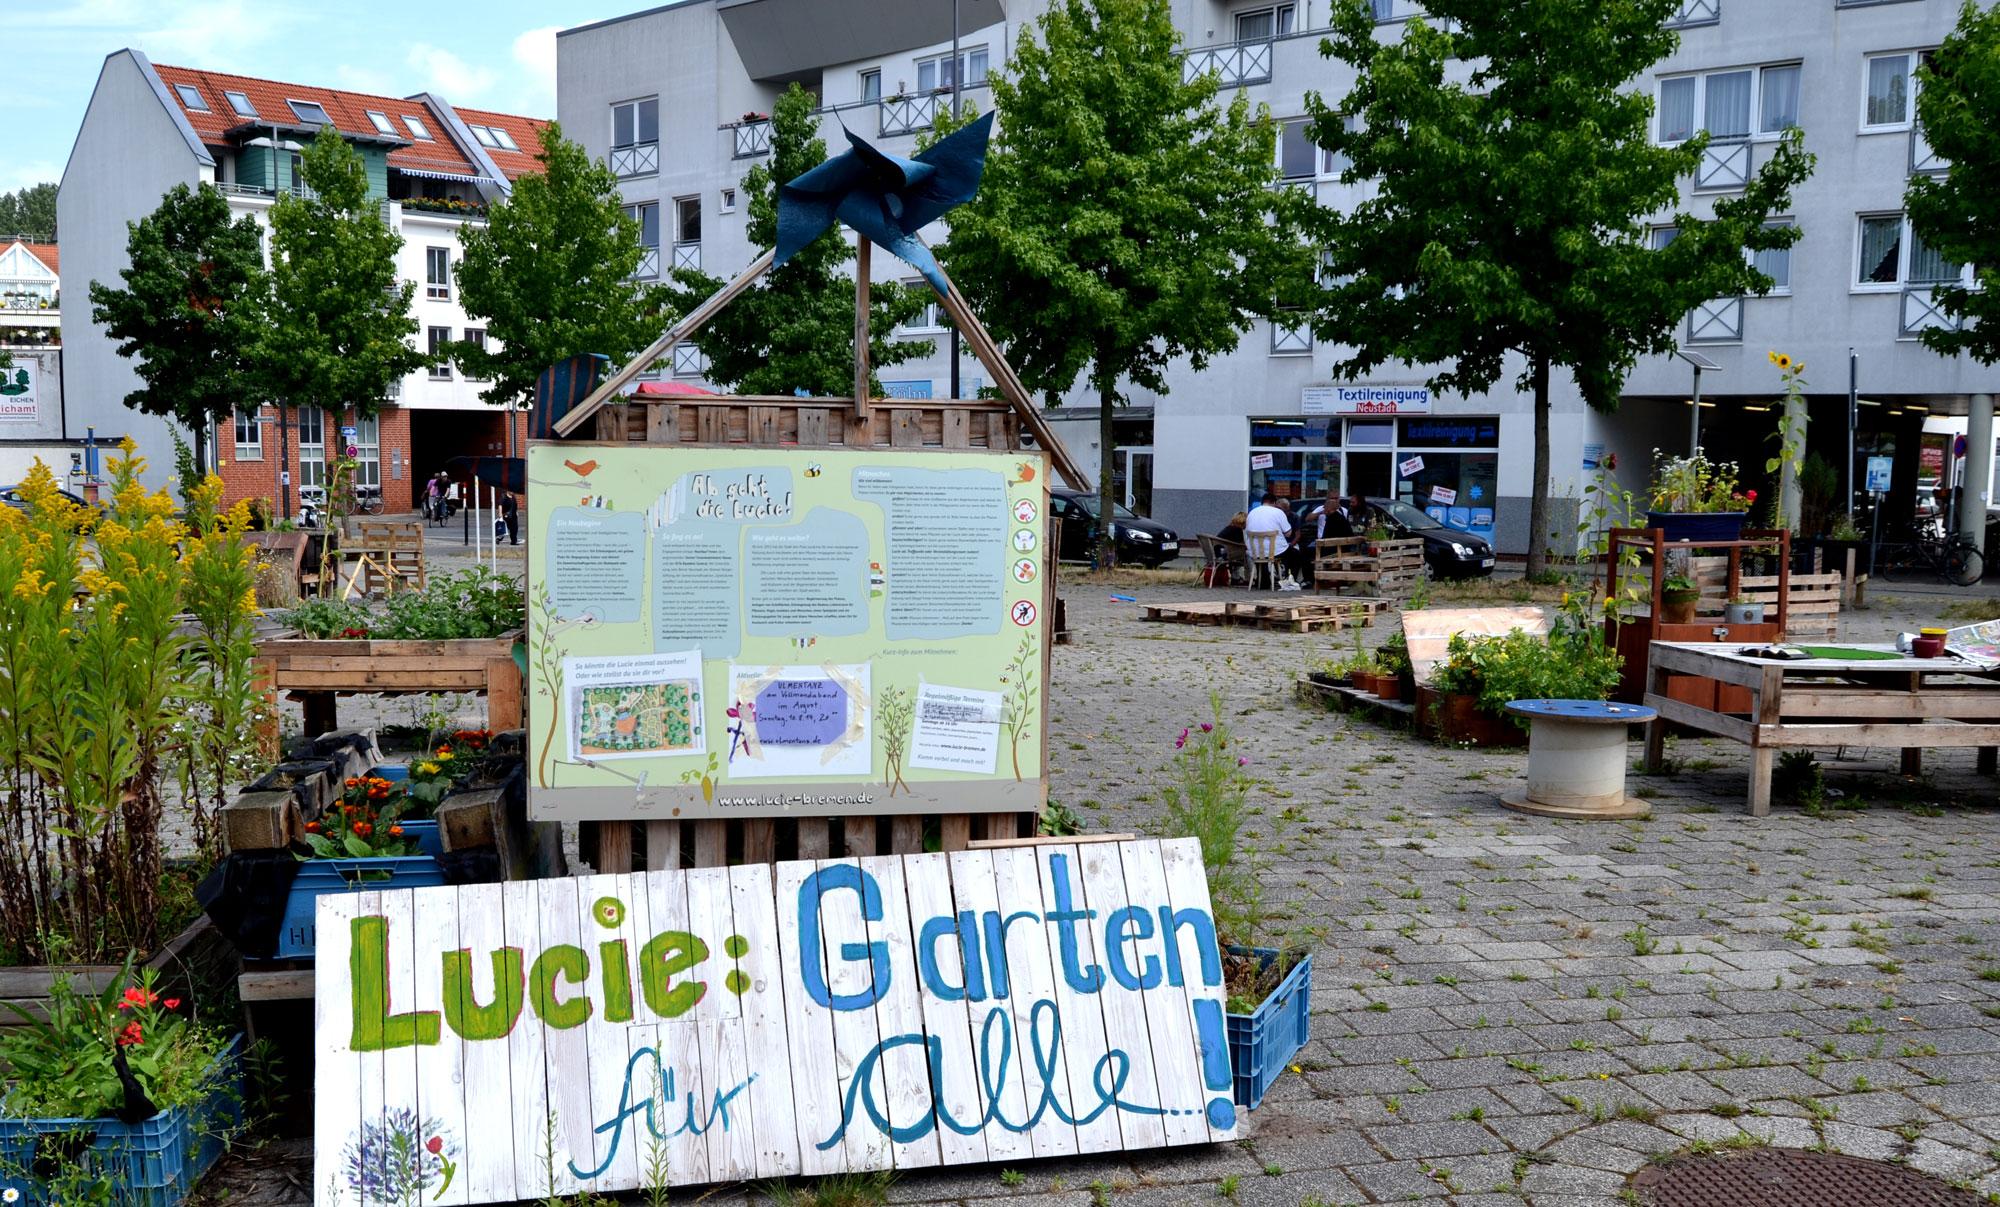 Blick auf den Lucie-Flechtmann-Platz mit Urban Gardening